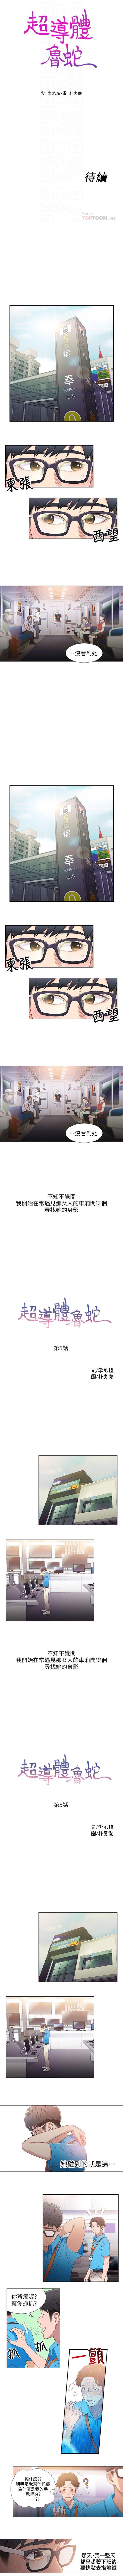 (週7)超導體魯蛇(超級吸引力) 1-22 中文翻譯(更新中) 18